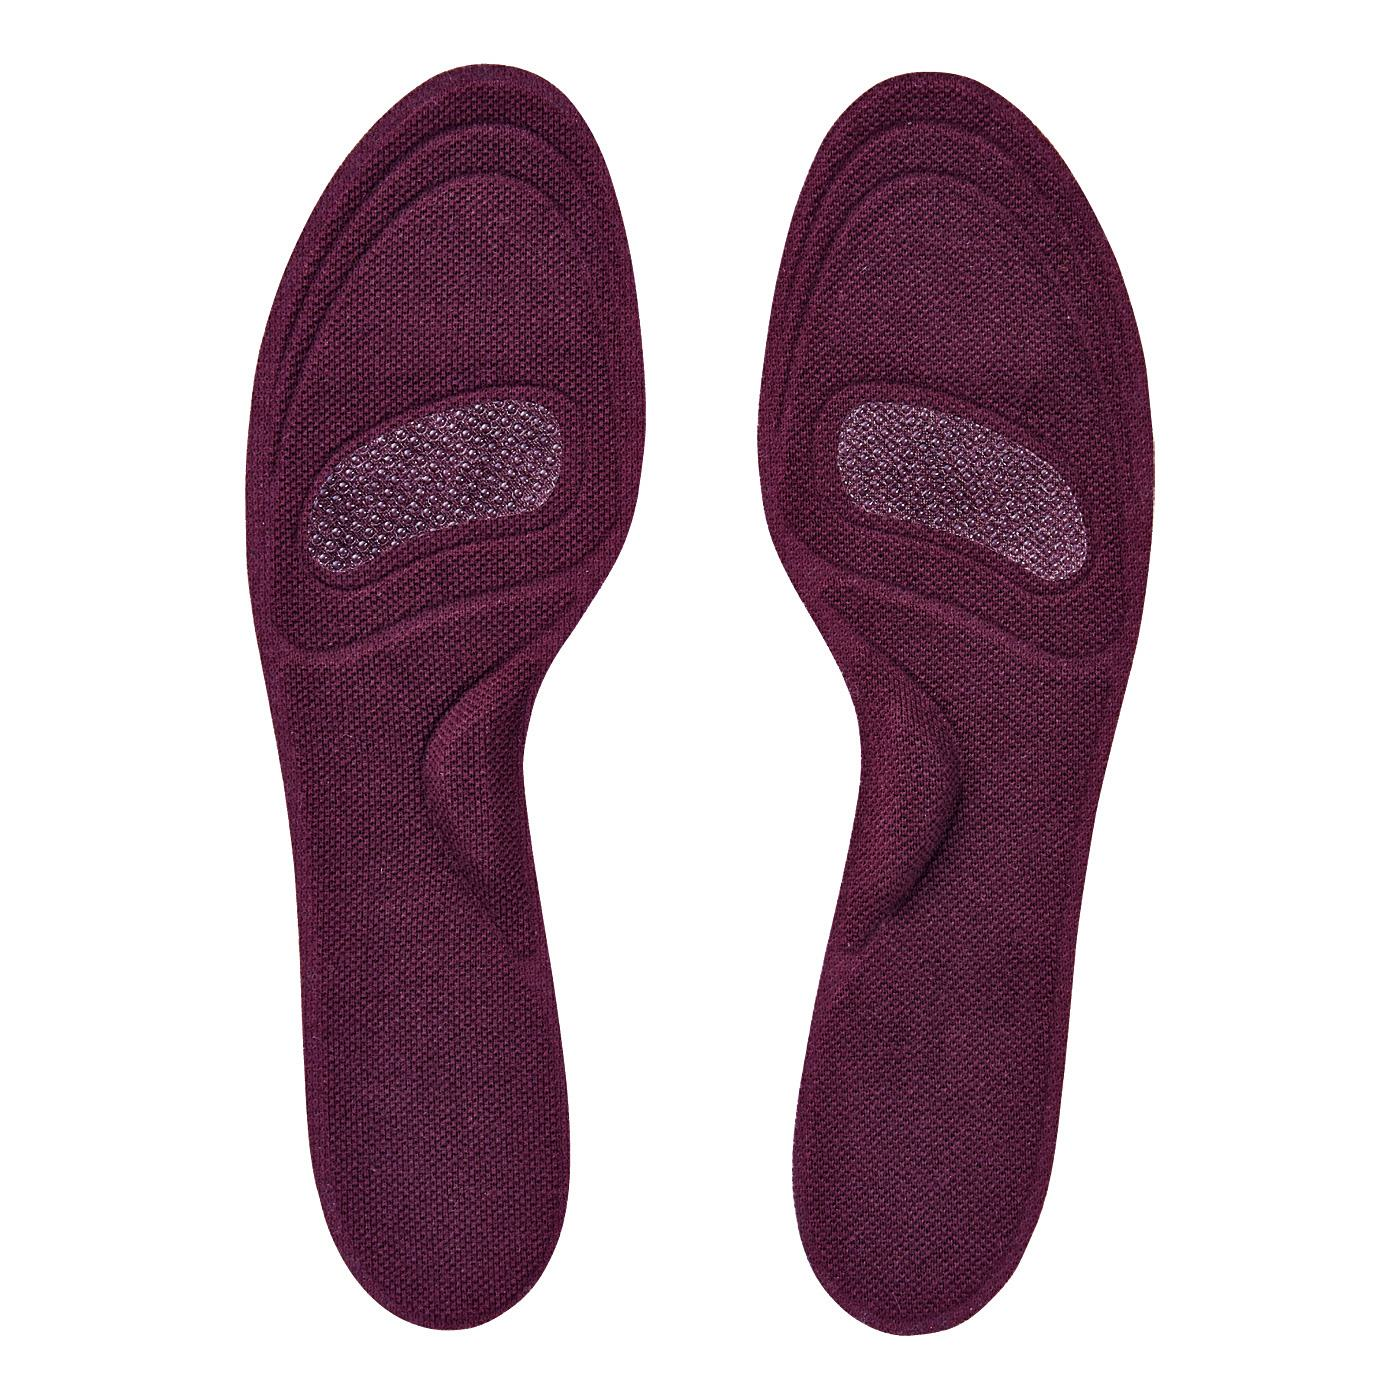 フェリシモ 足裏さらり快適!上品カラーで靴を脱いでも安心なシール付き薄型インソールの会